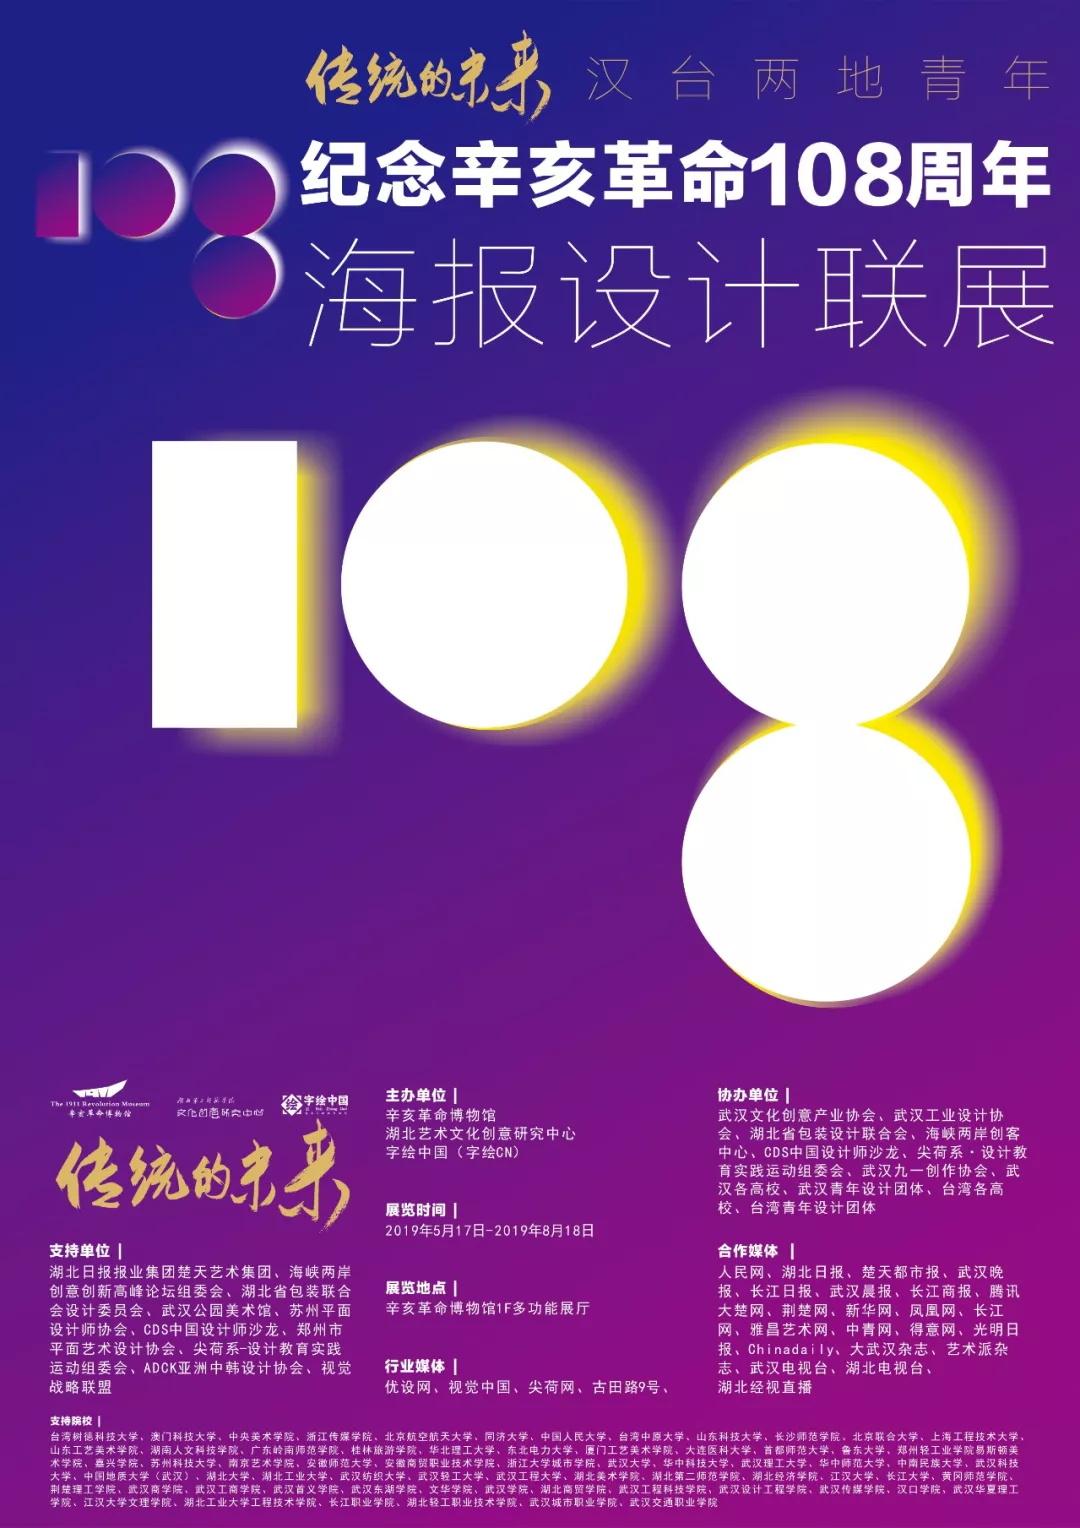 传统的未来!汉台两地青年纪念辛亥革命108周年海报设计联展